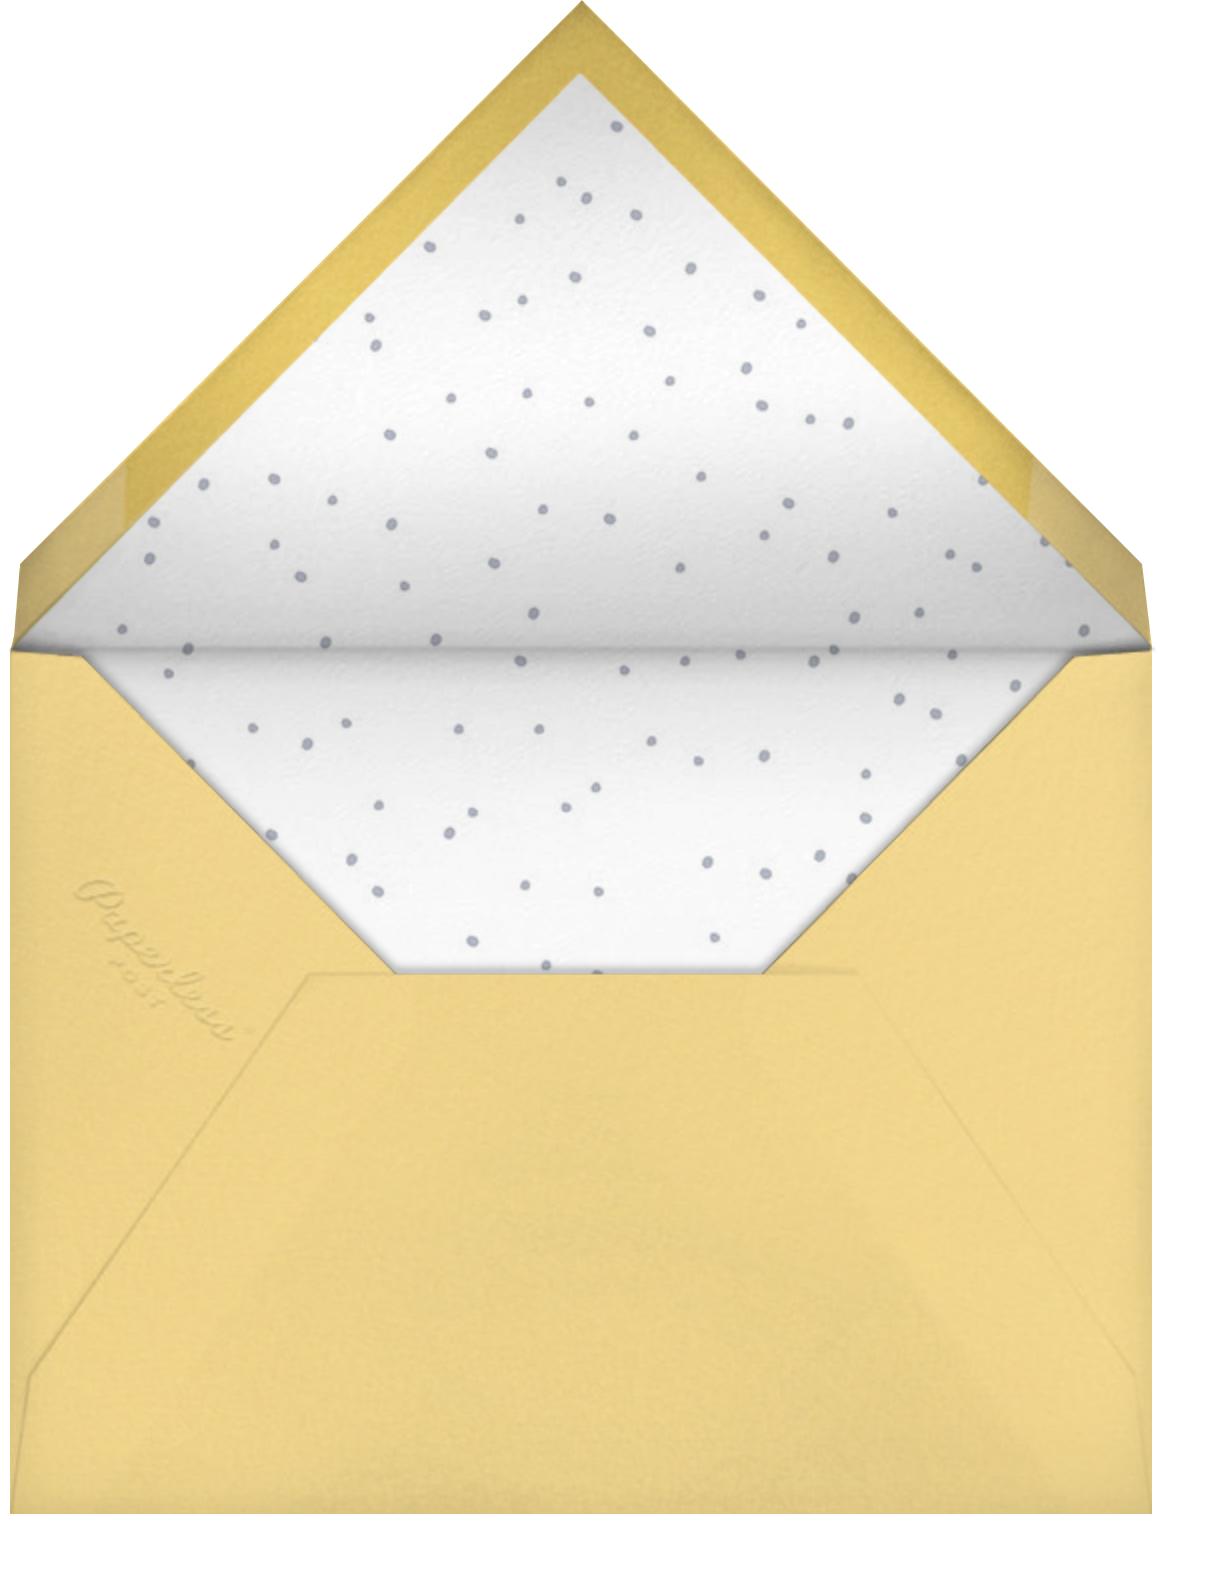 Tweeting Over Teatime - Little Cube - Brunch - envelope back